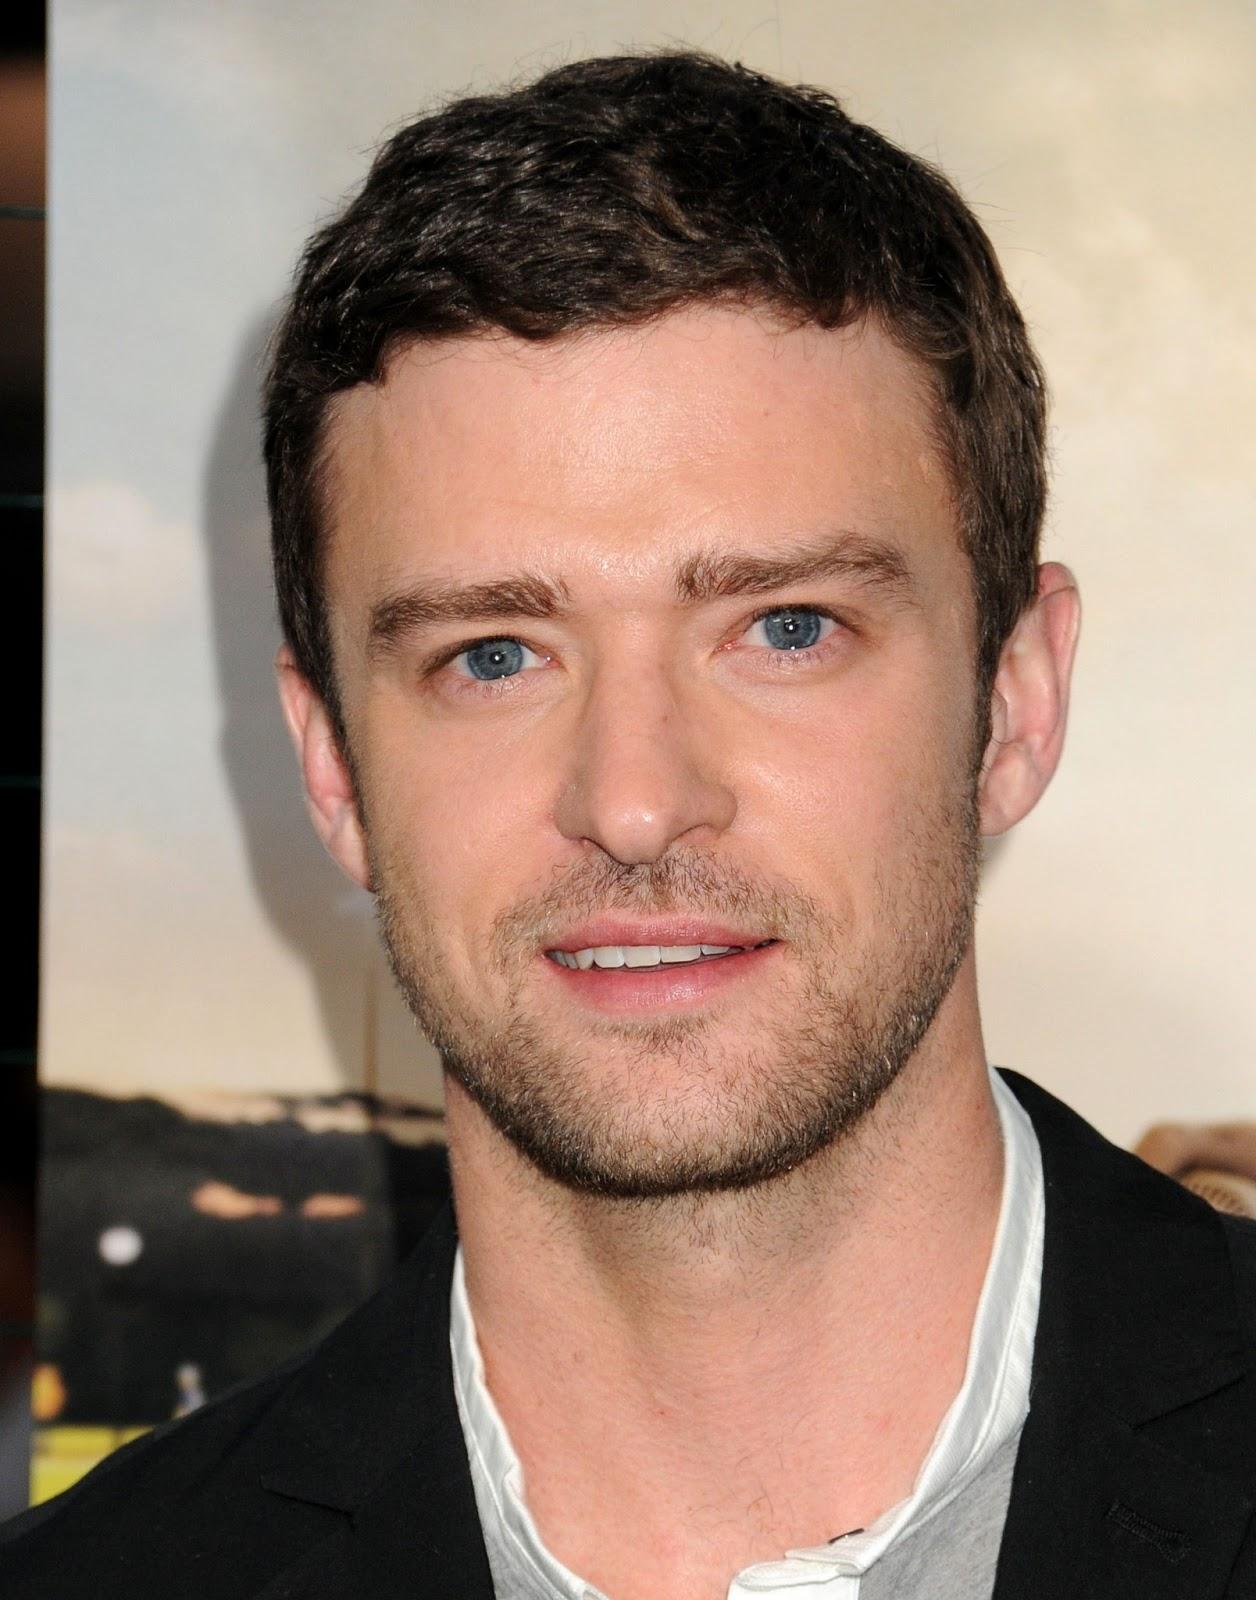 Justin Timberlake Hairstyle Men Hairstyles Men Hair